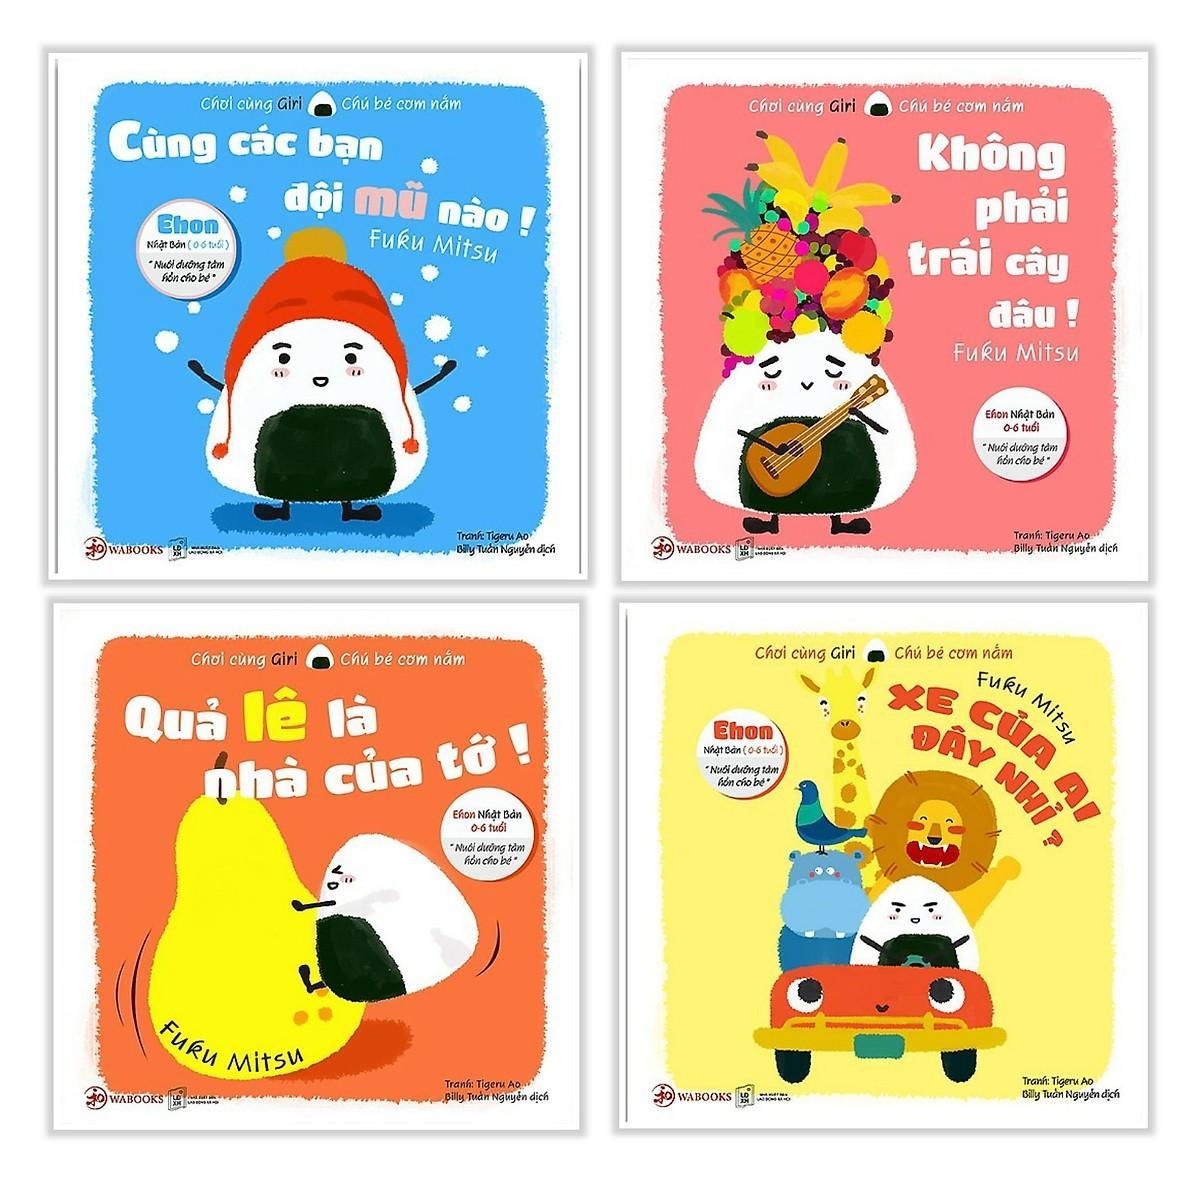 Mua Combo 4 quyển Ehon Nhật Bản Giri chú bé cơm nắm ( Phần 1 )